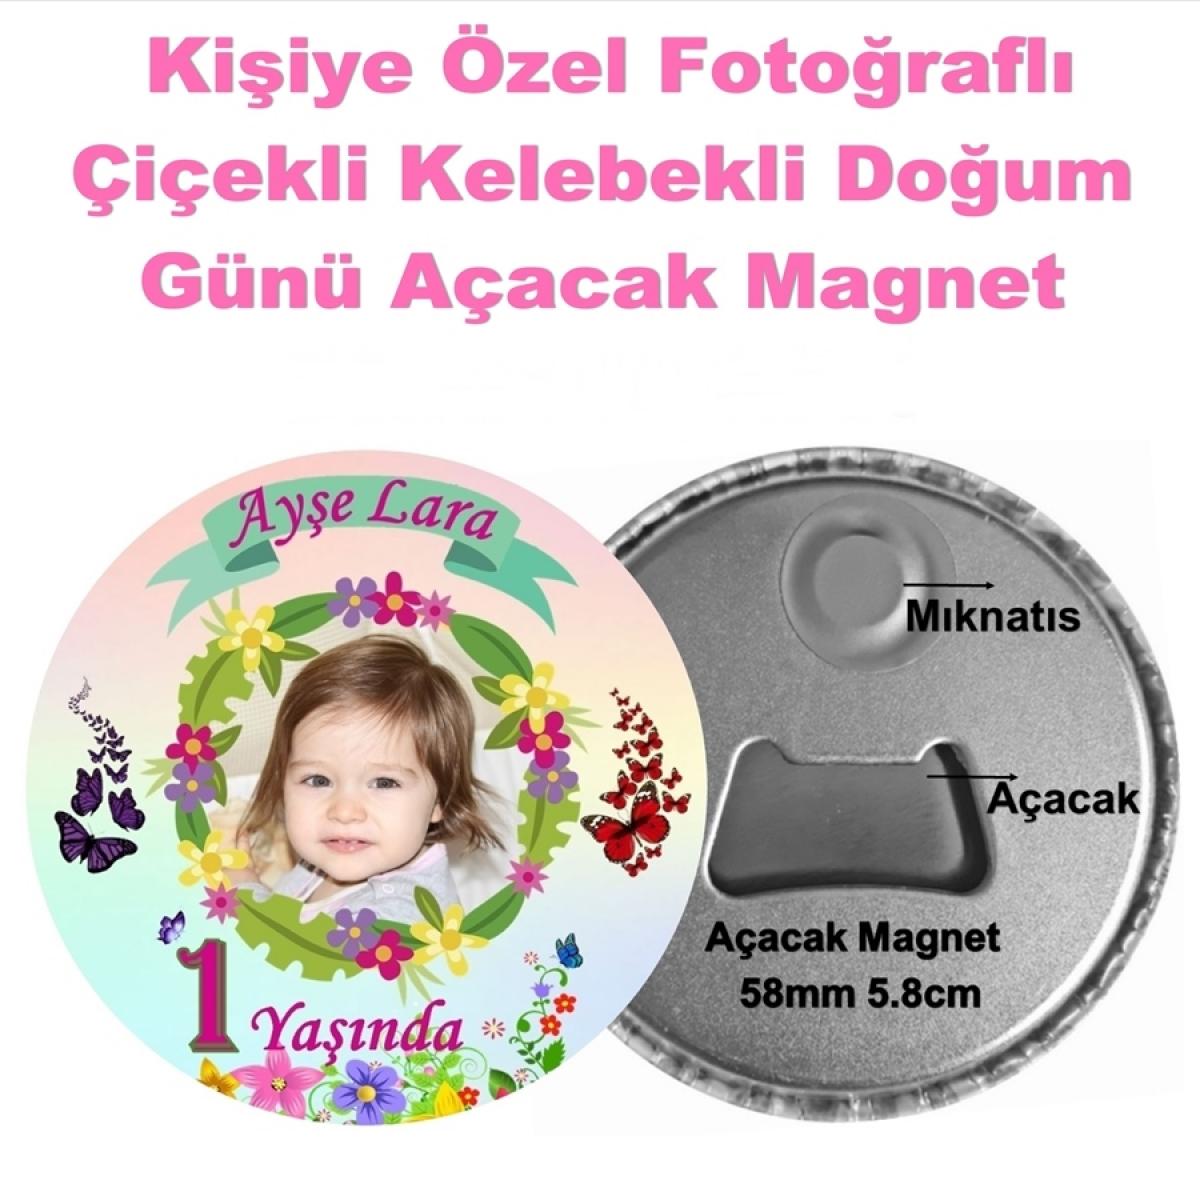 Çiçekli Doğum Günü Açacak Magnet